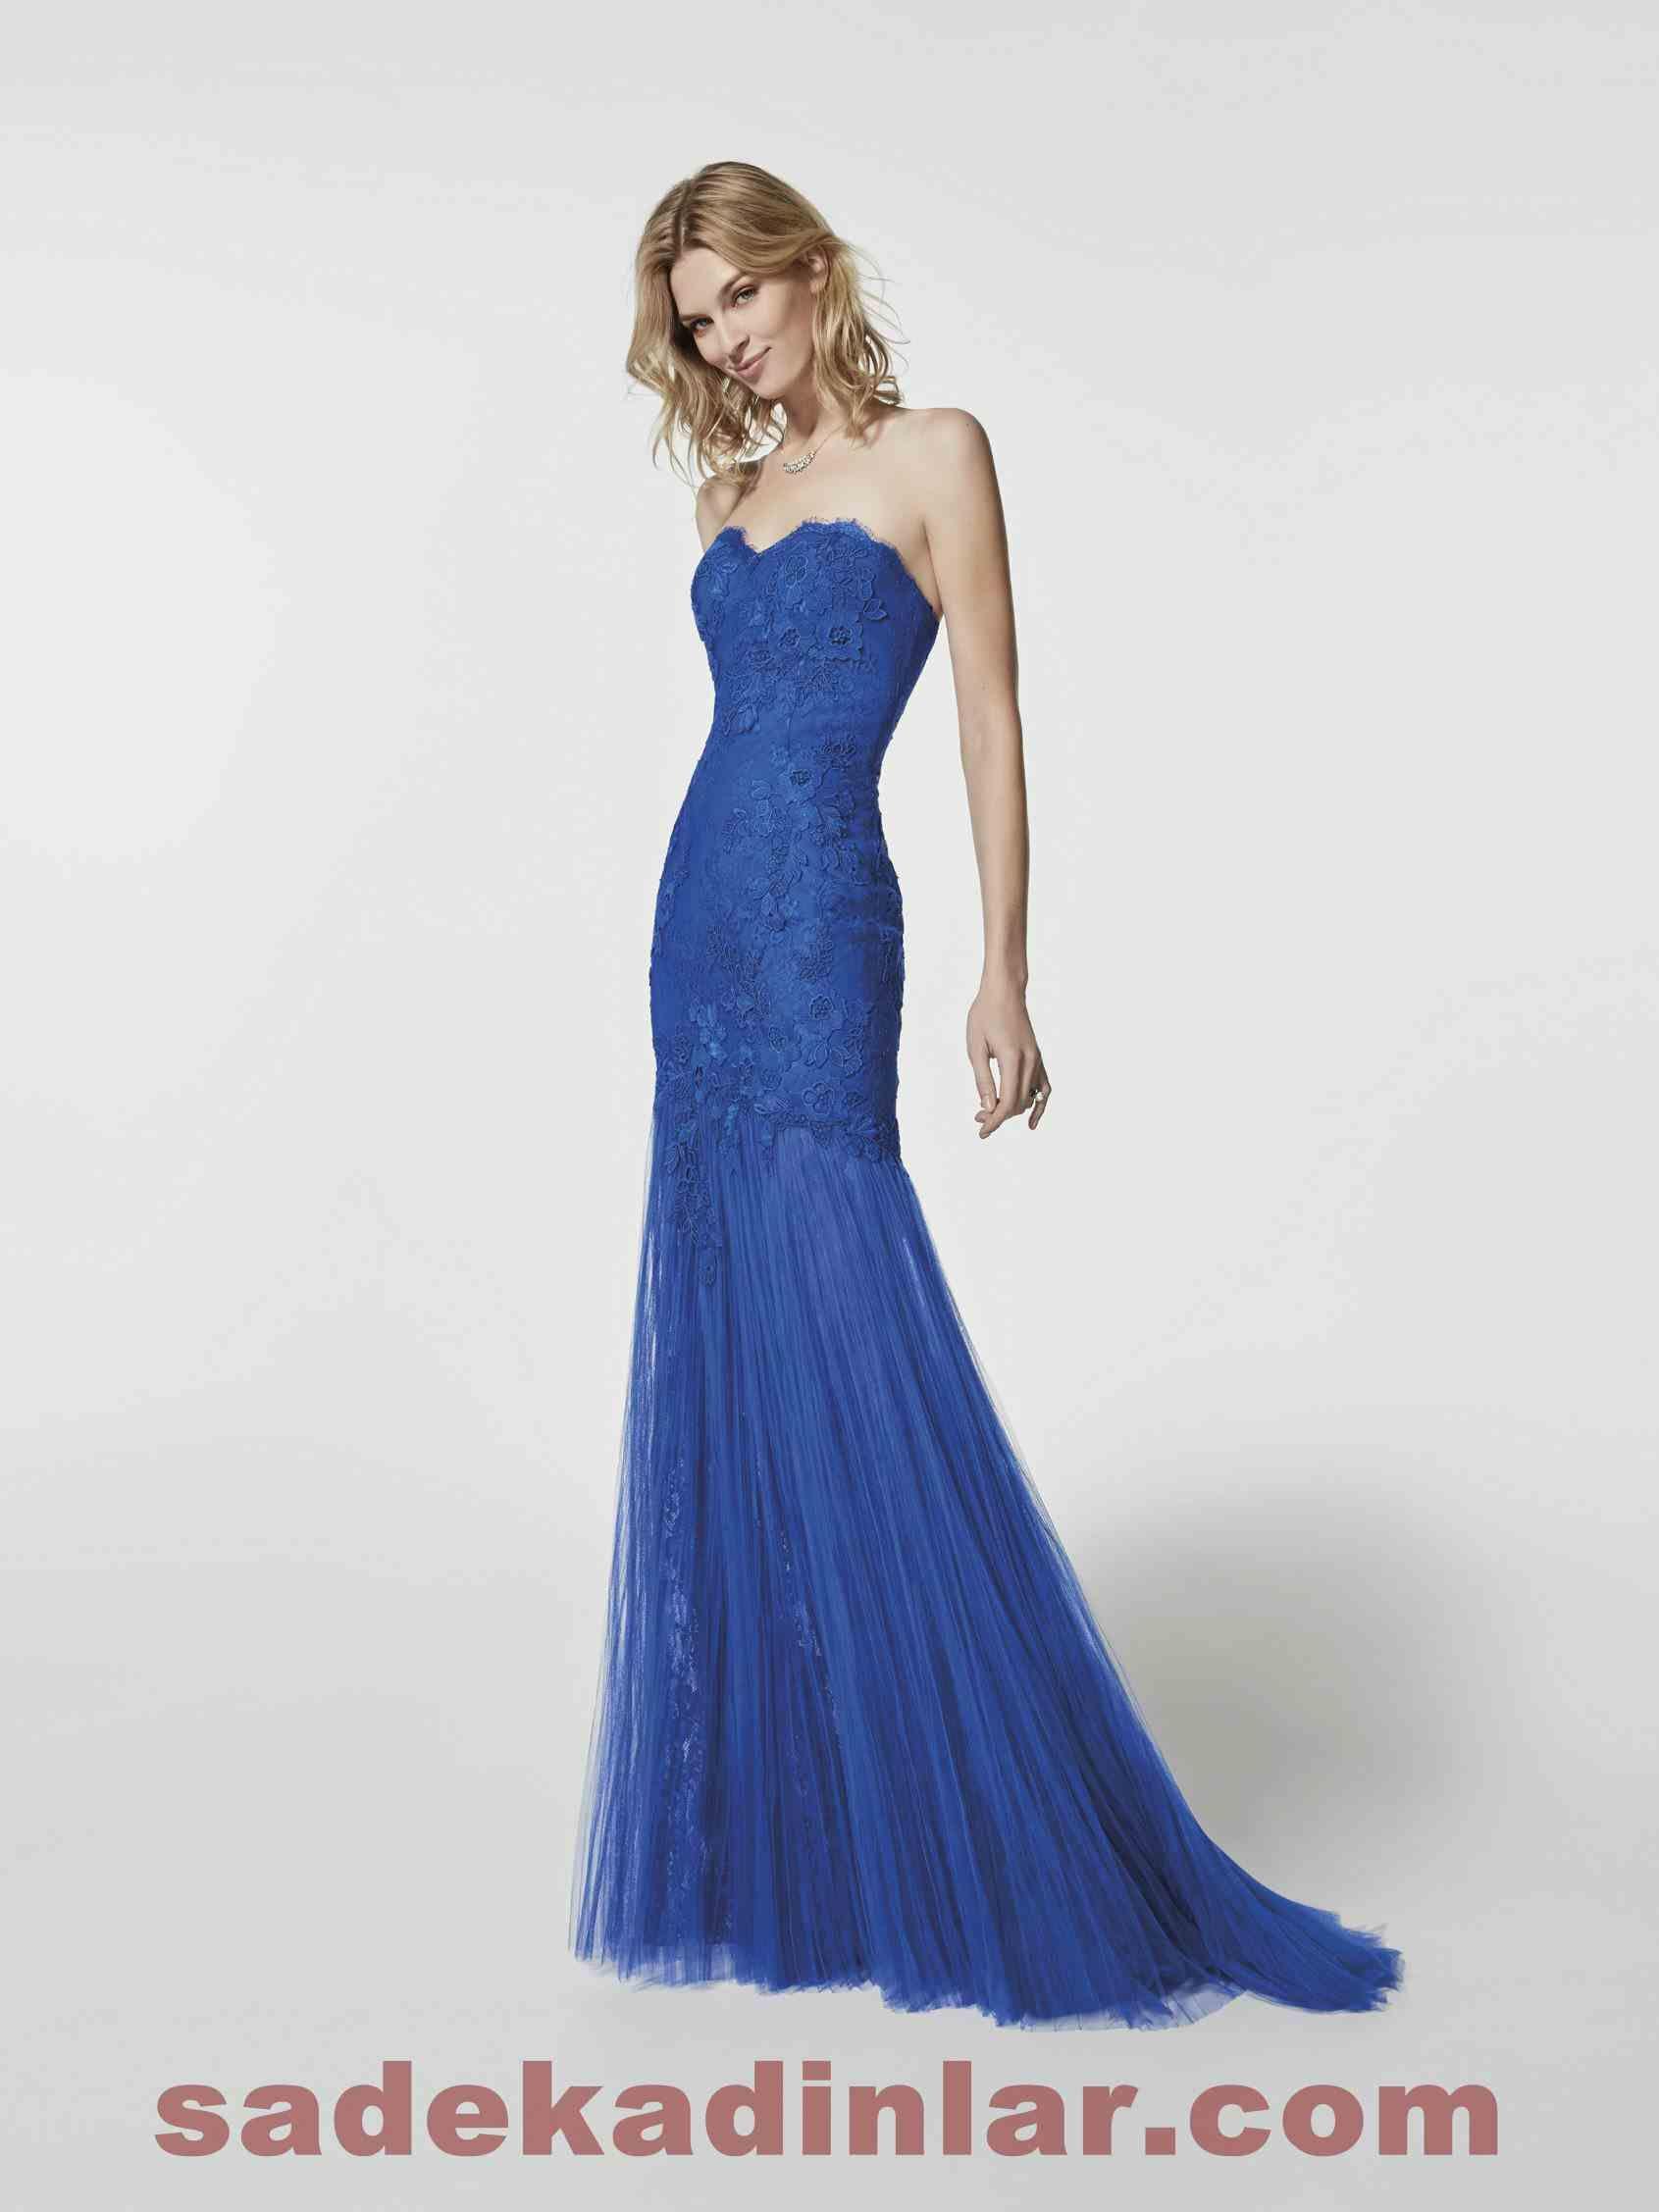 Pronovias Abiye Modelleri 2018 Balik Elbise Dekolteli Dantel Islemeli Abiye Elbise Aksamustu Giysileri The Dress Dantel Elbise